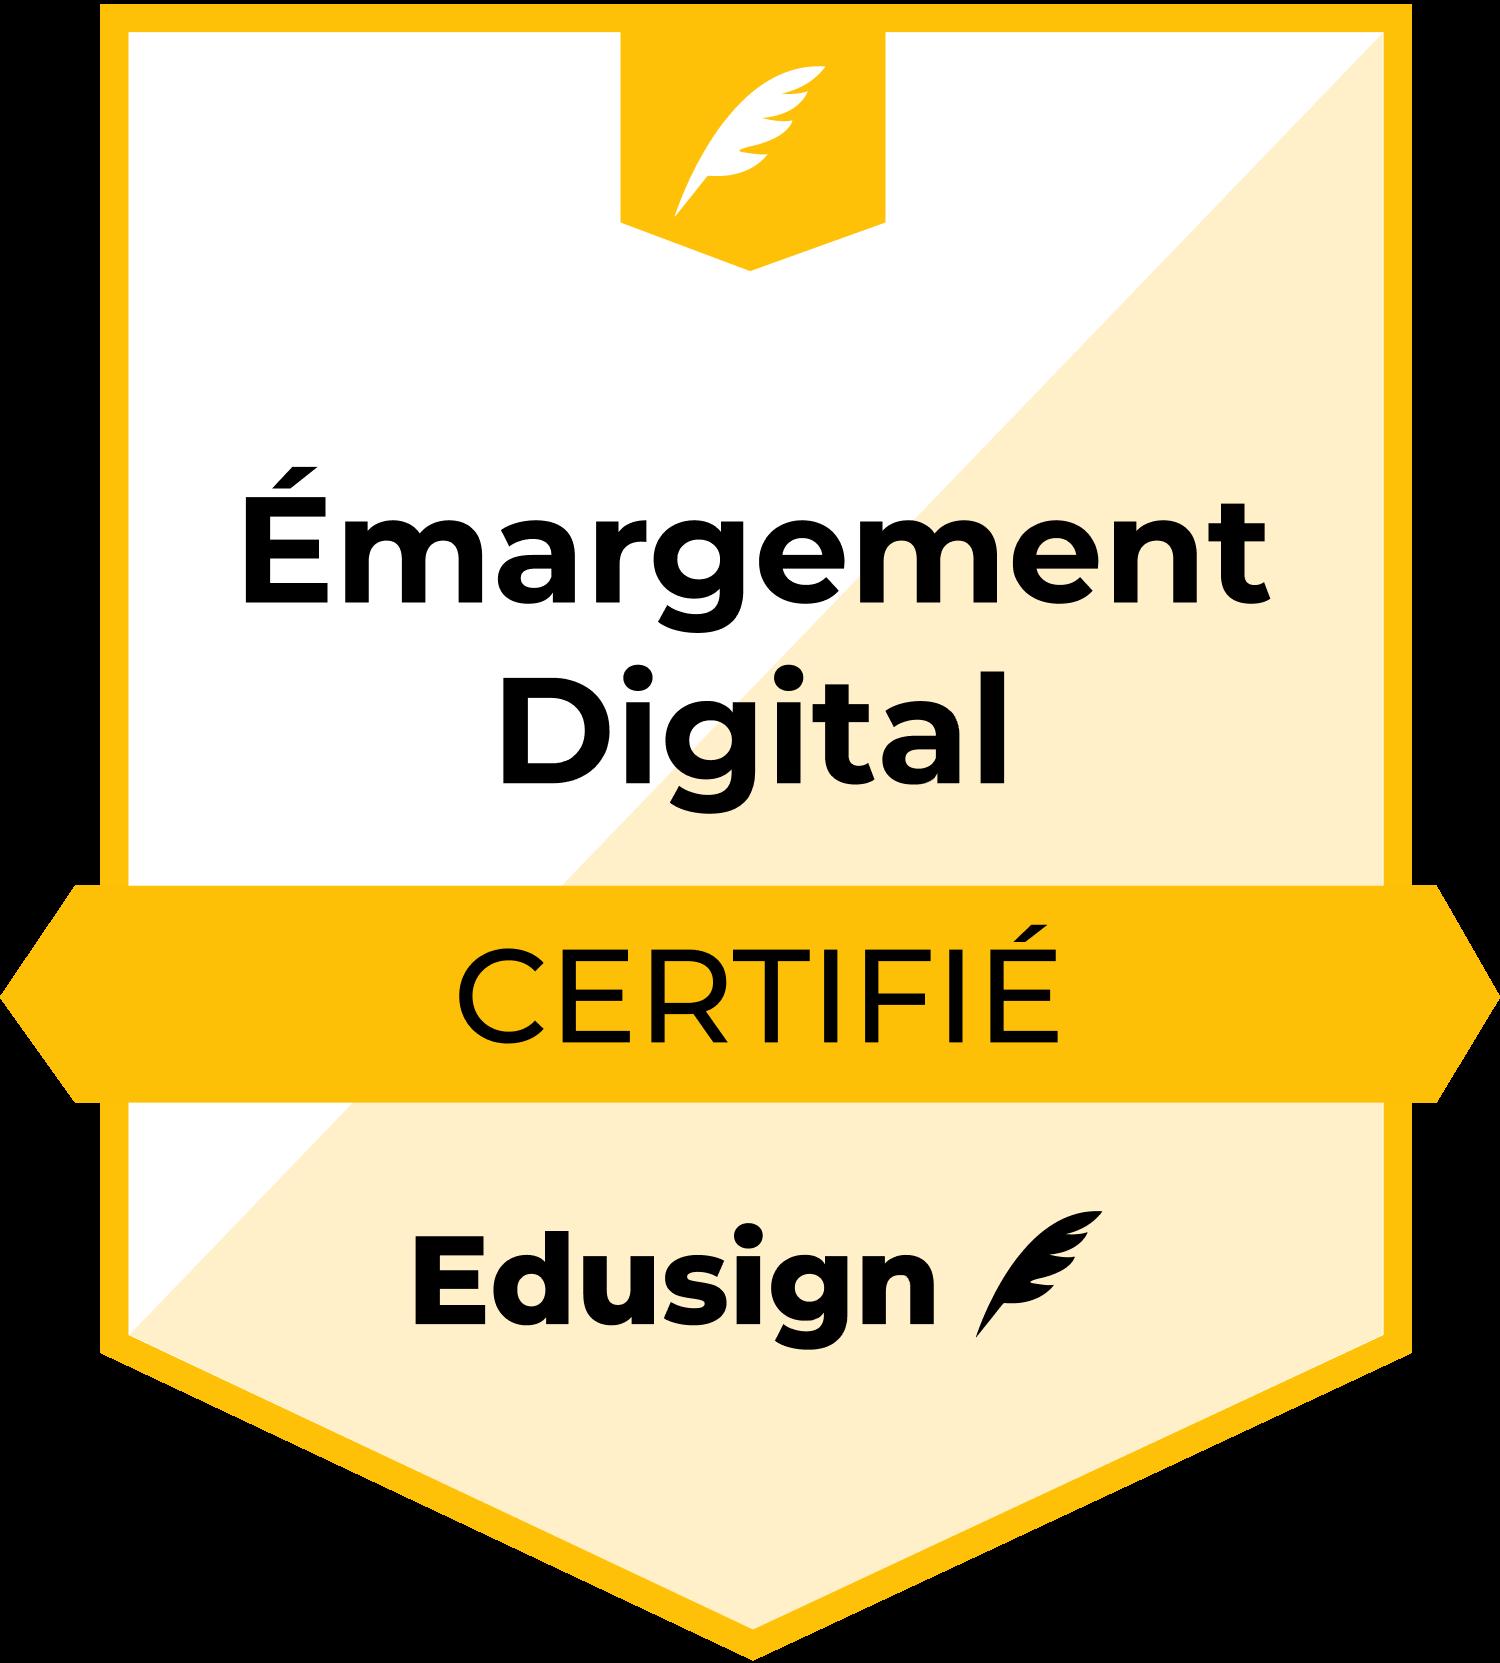 Feuille émargement digitale certifiée